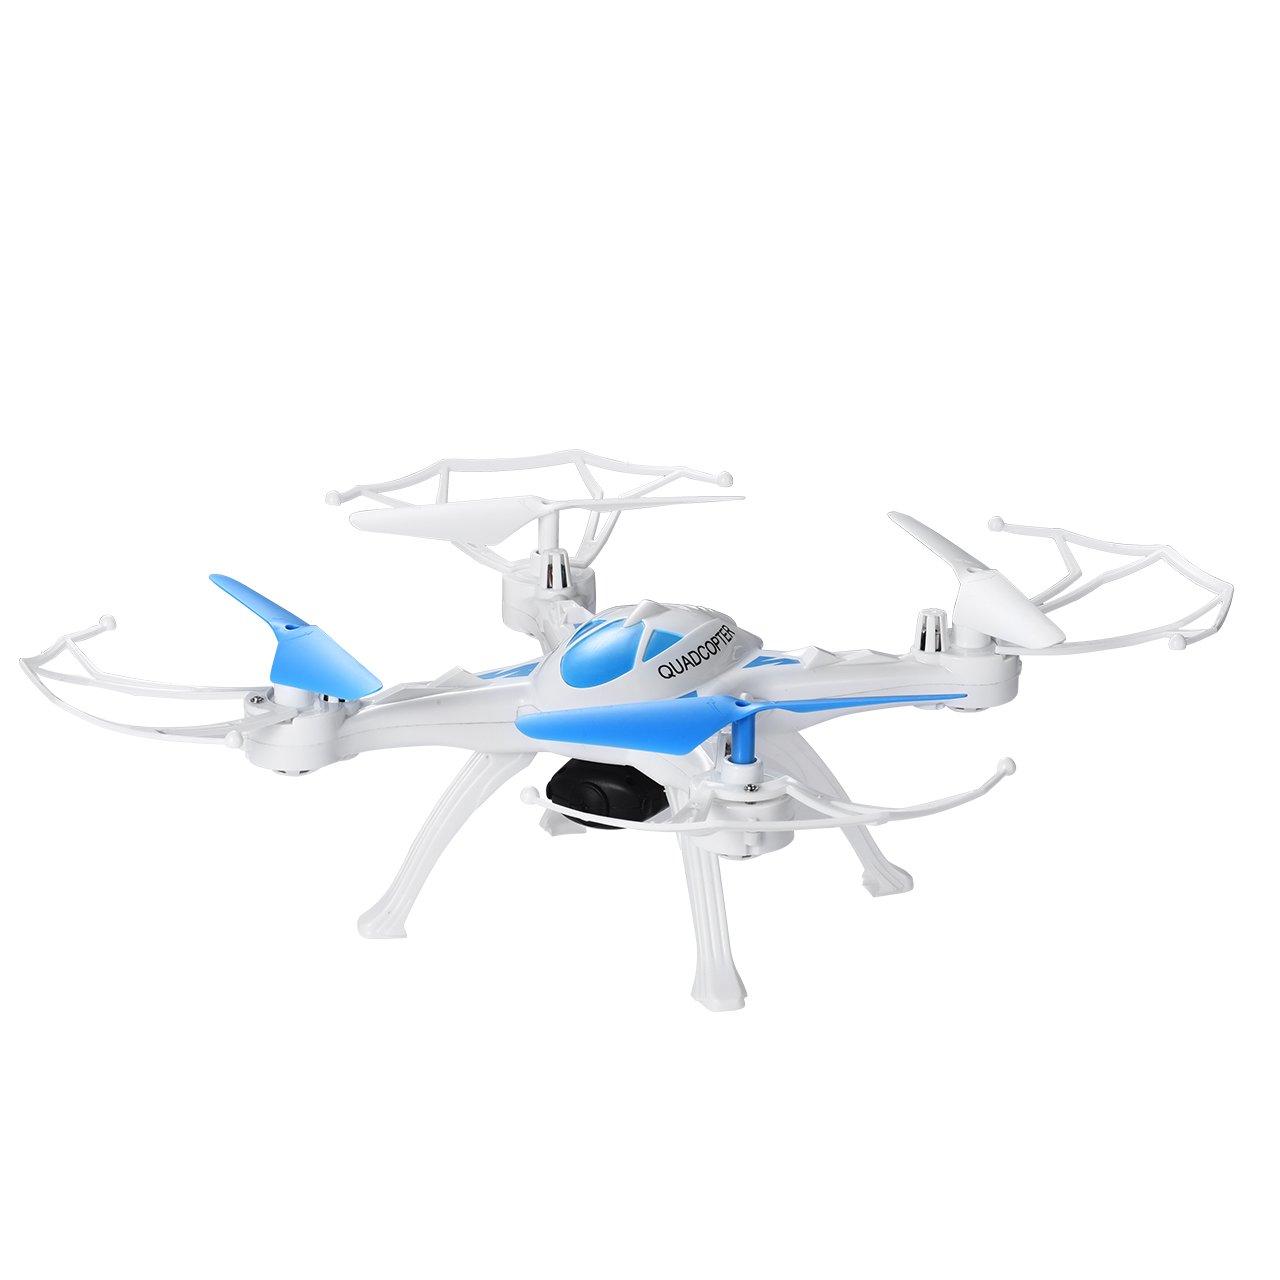 OMorc Drone con Cámara HD Quadcopter Cuadricoptero de Axis y Control Remoto